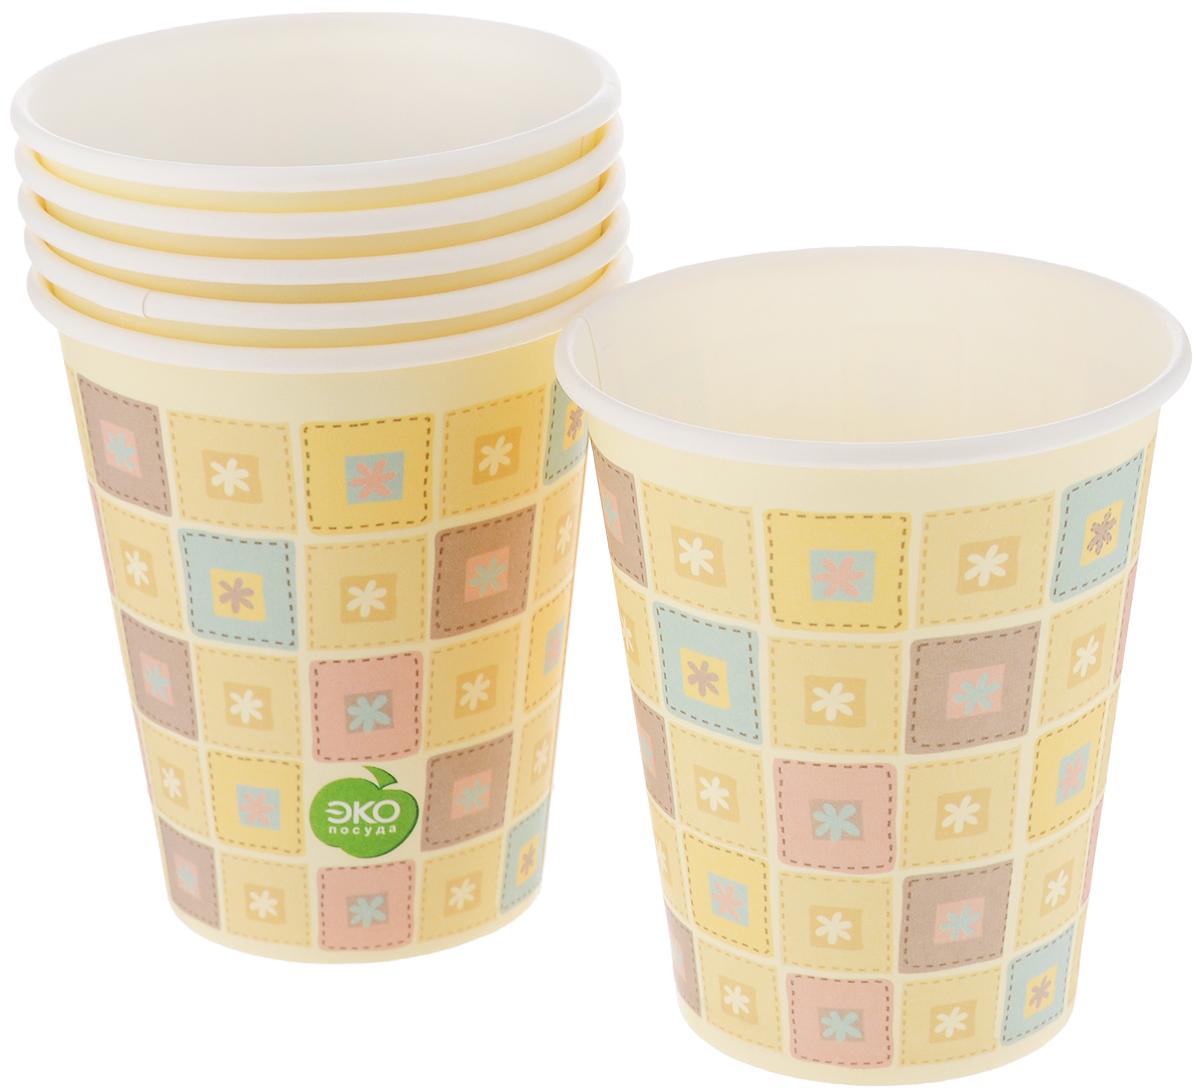 Набор бумажных стаканов Paterra Нарядные, 330 мл, 6 штFA-5125 WhiteНабор Paterra Нарядные состоит из 6 стаканов, предназначенных для одноразового использования. Изделия украшены узором. Такие стаканы подойдут как для холодных, так и для горячих напитков. Имеют водоотталкивающие свойства.Одноразовые стаканы будут незаменимы при поездках на природу, пикниках и других мероприятиях. Они легкие и не займут много места, а самое главное - после использования их не надо мыть. Диаметр стакана: 8 см. Высота стакана: 9,5 см.